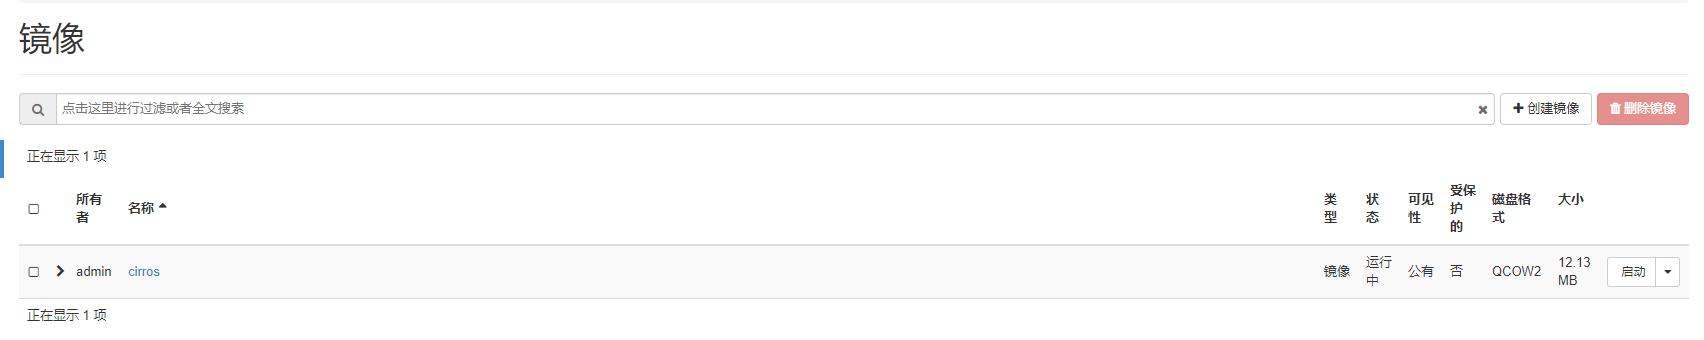 搭建Openstack开源云计算平台插图279